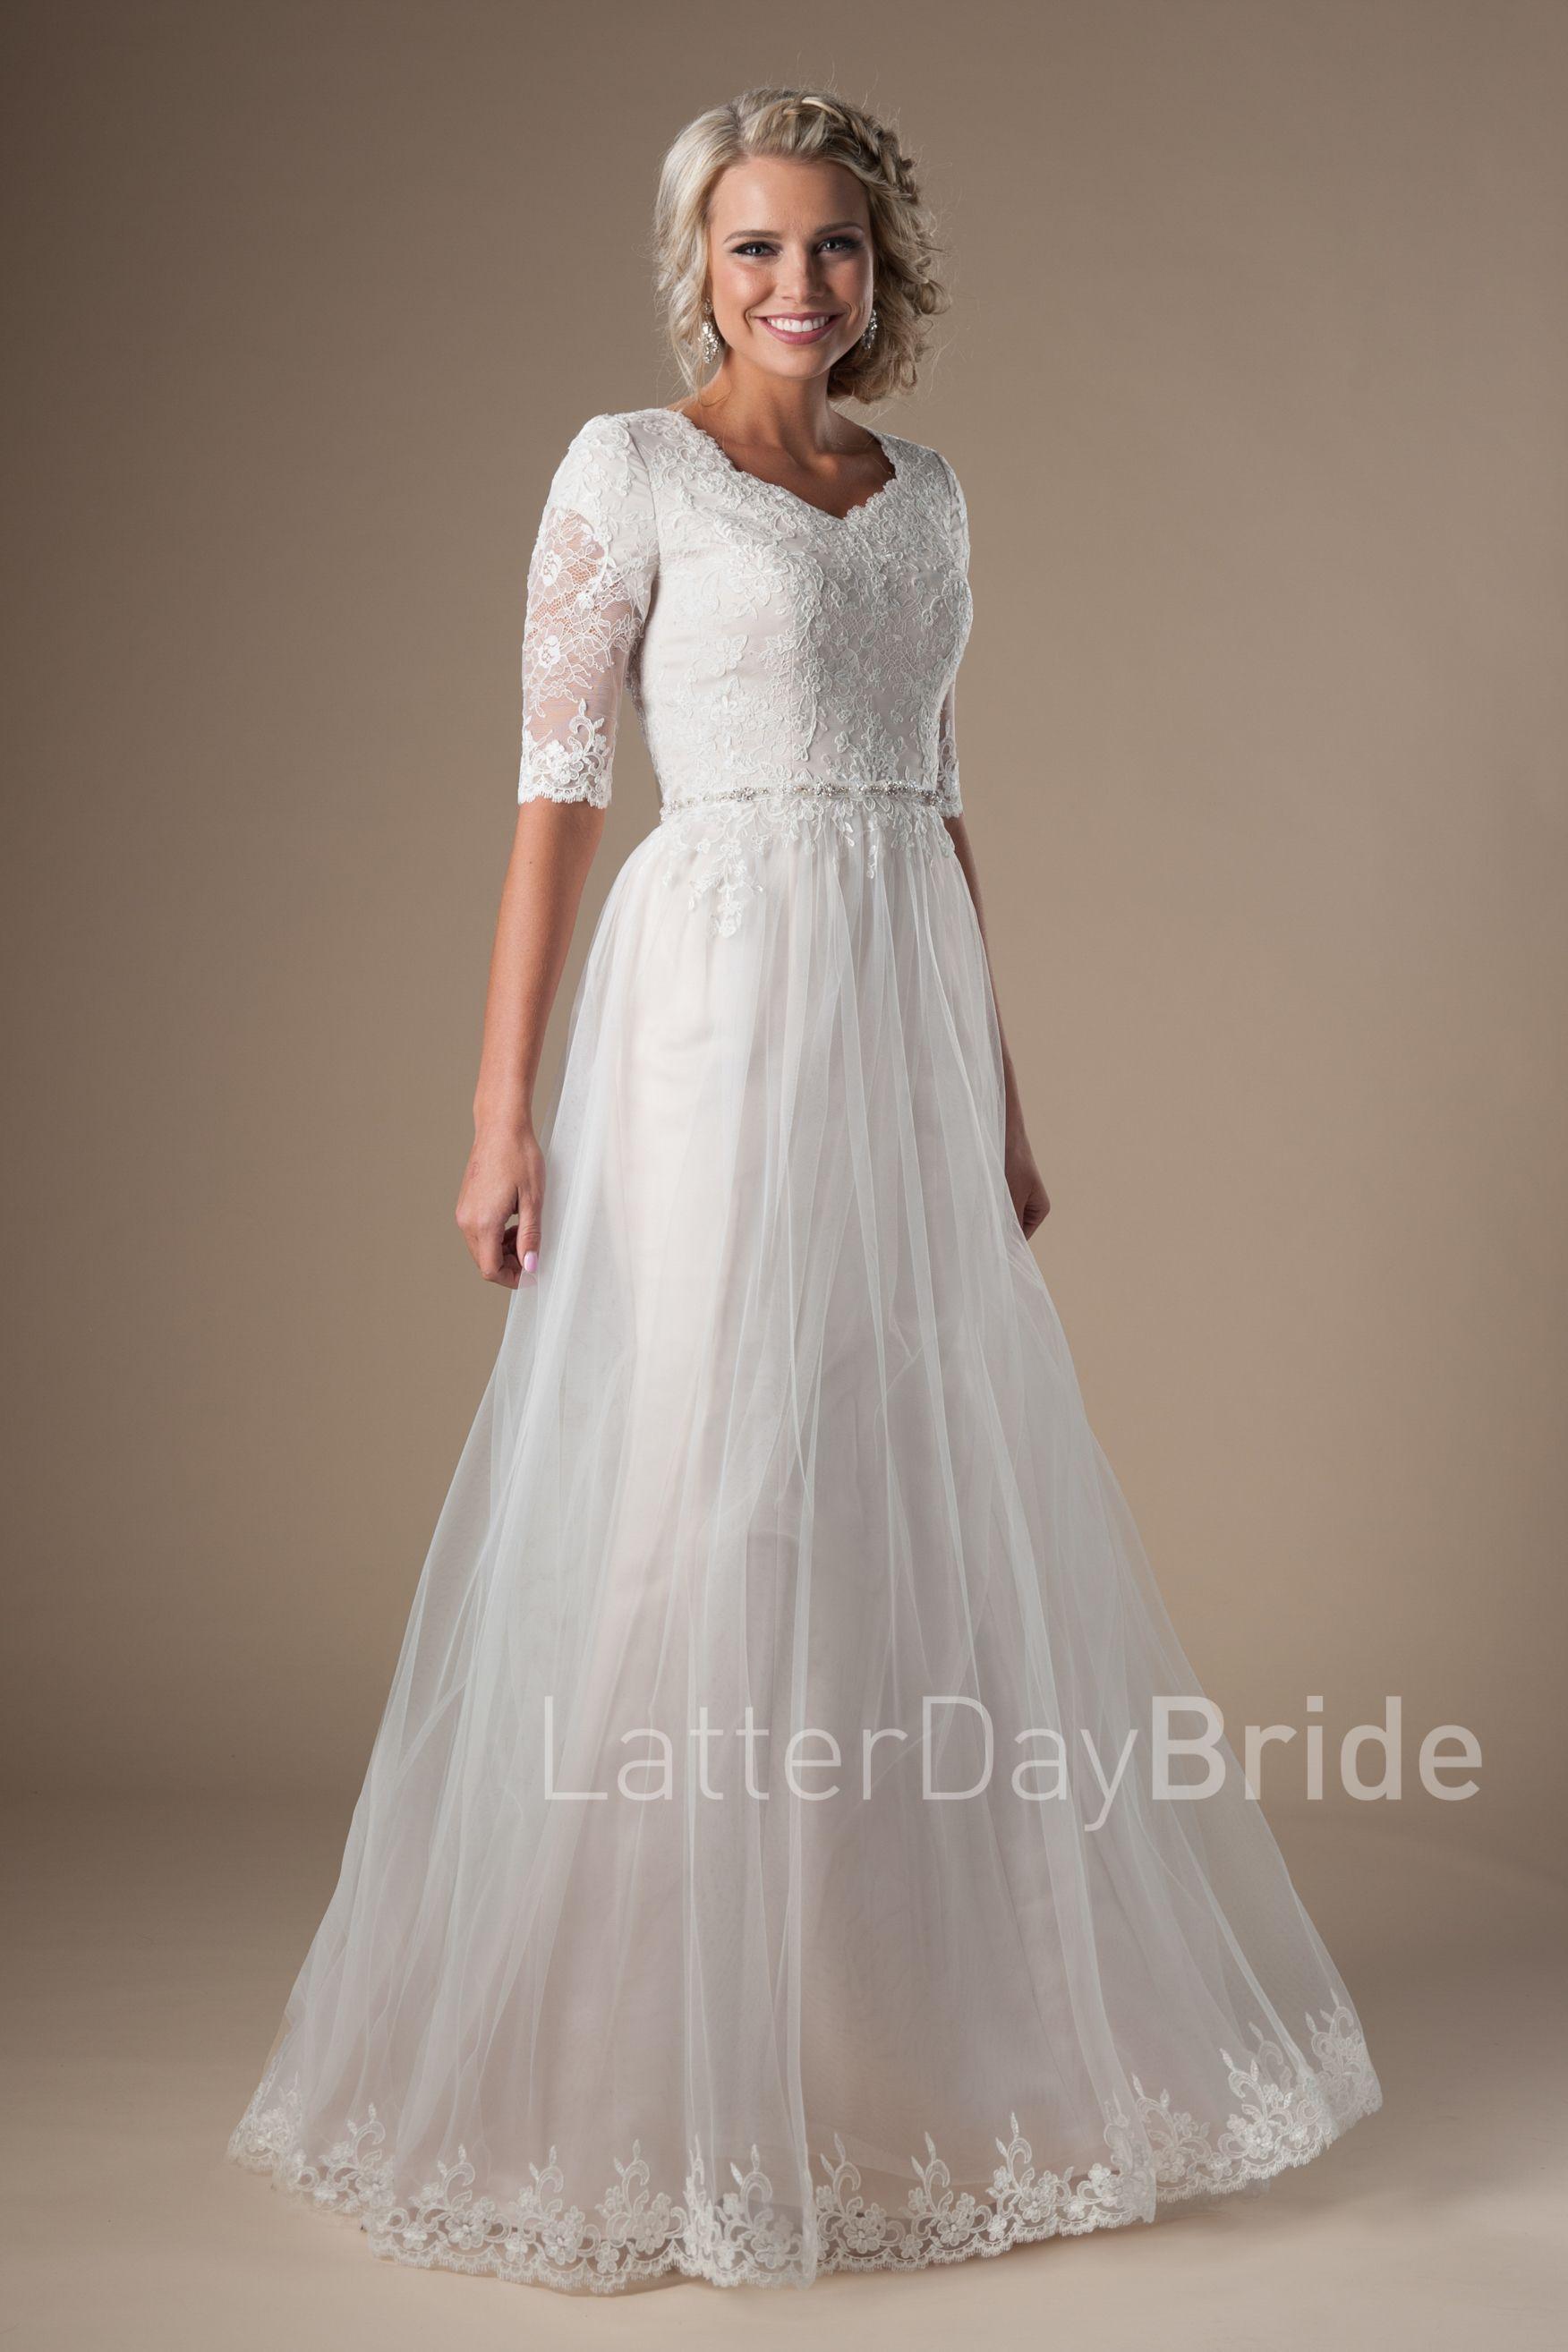 2b20b0d686e Anaheim Mature Wedding Dresses Wedding Dresses Lds Modest Wedding Dresses  With Sleeves Lace